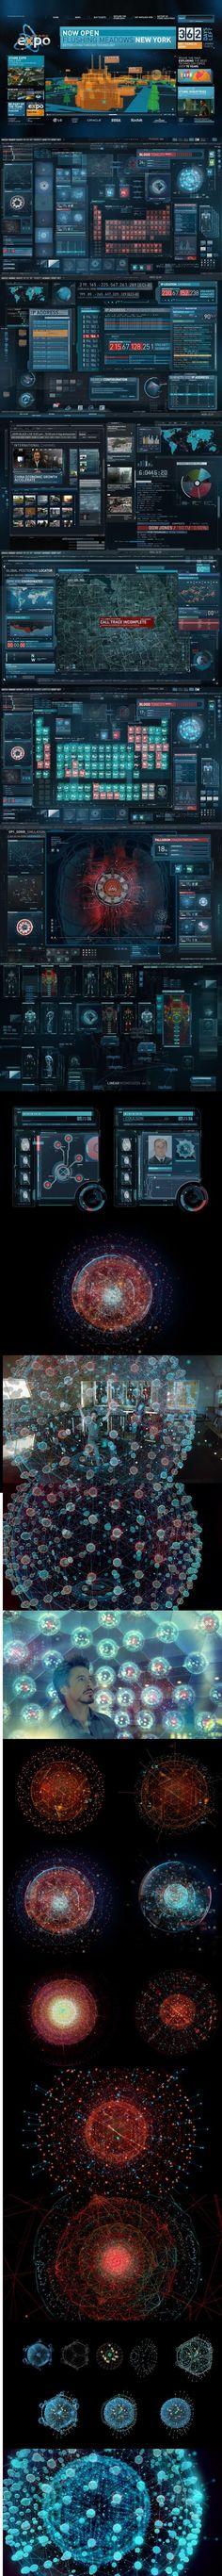 7cfe88a62f7953a044f8cb58d3679e51.jpg 720×8,340 pixels